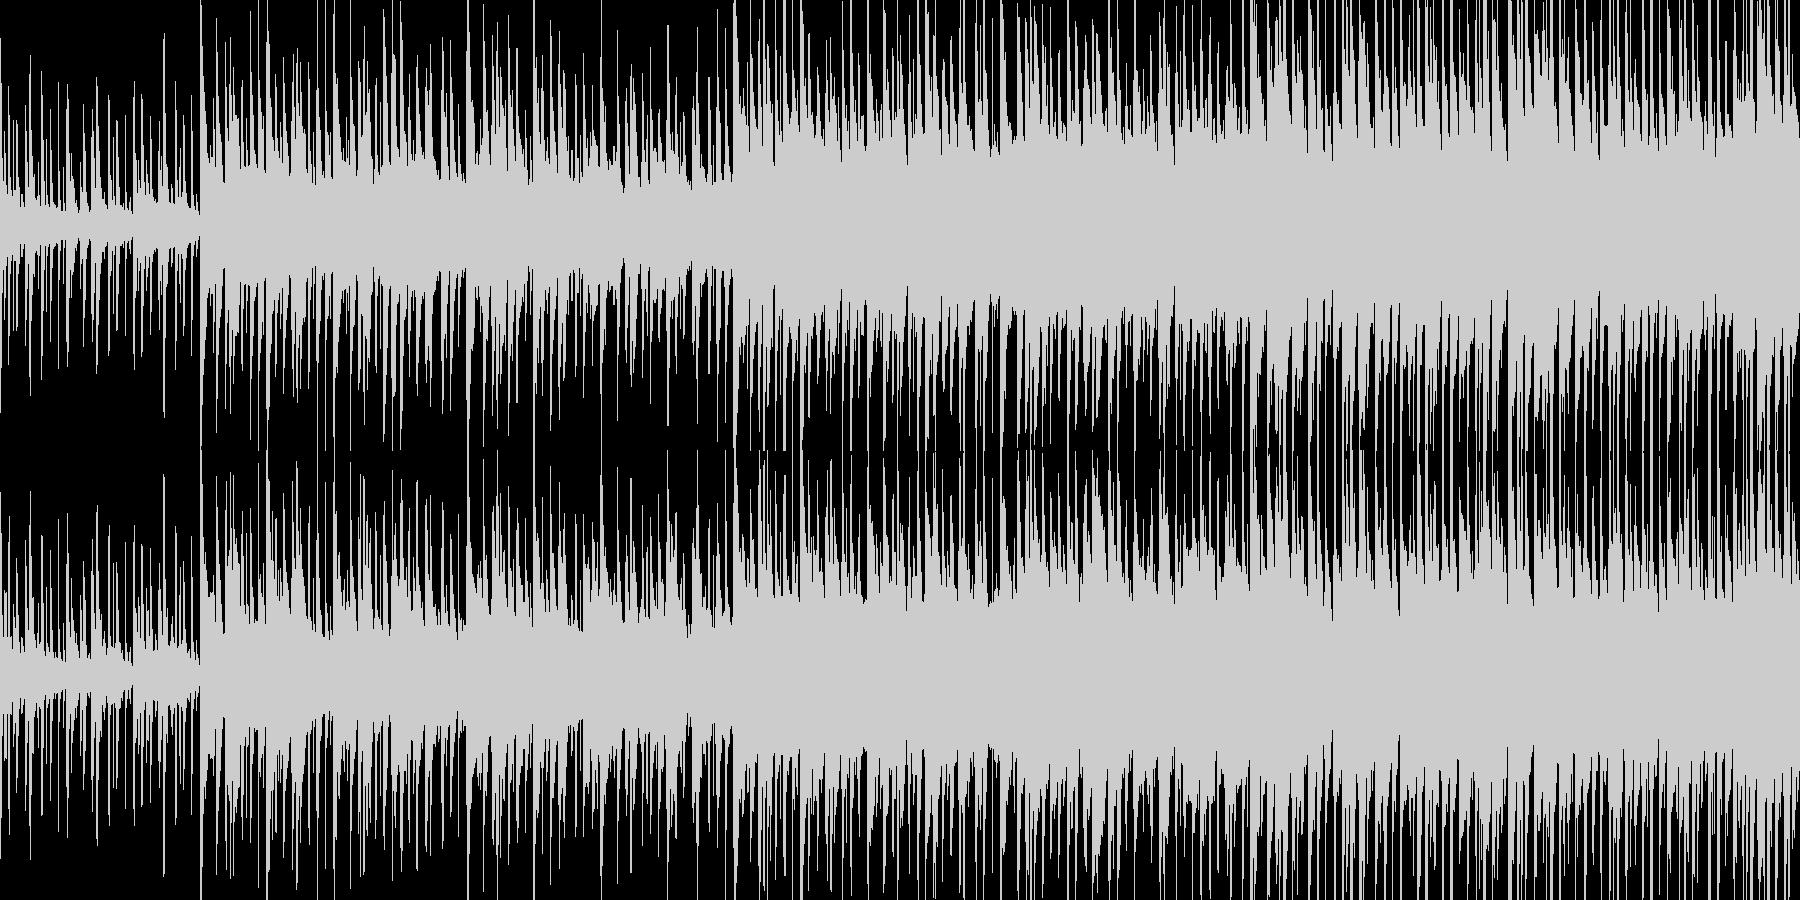 ウッドベースが印象的な楽しいセッション曲の未再生の波形